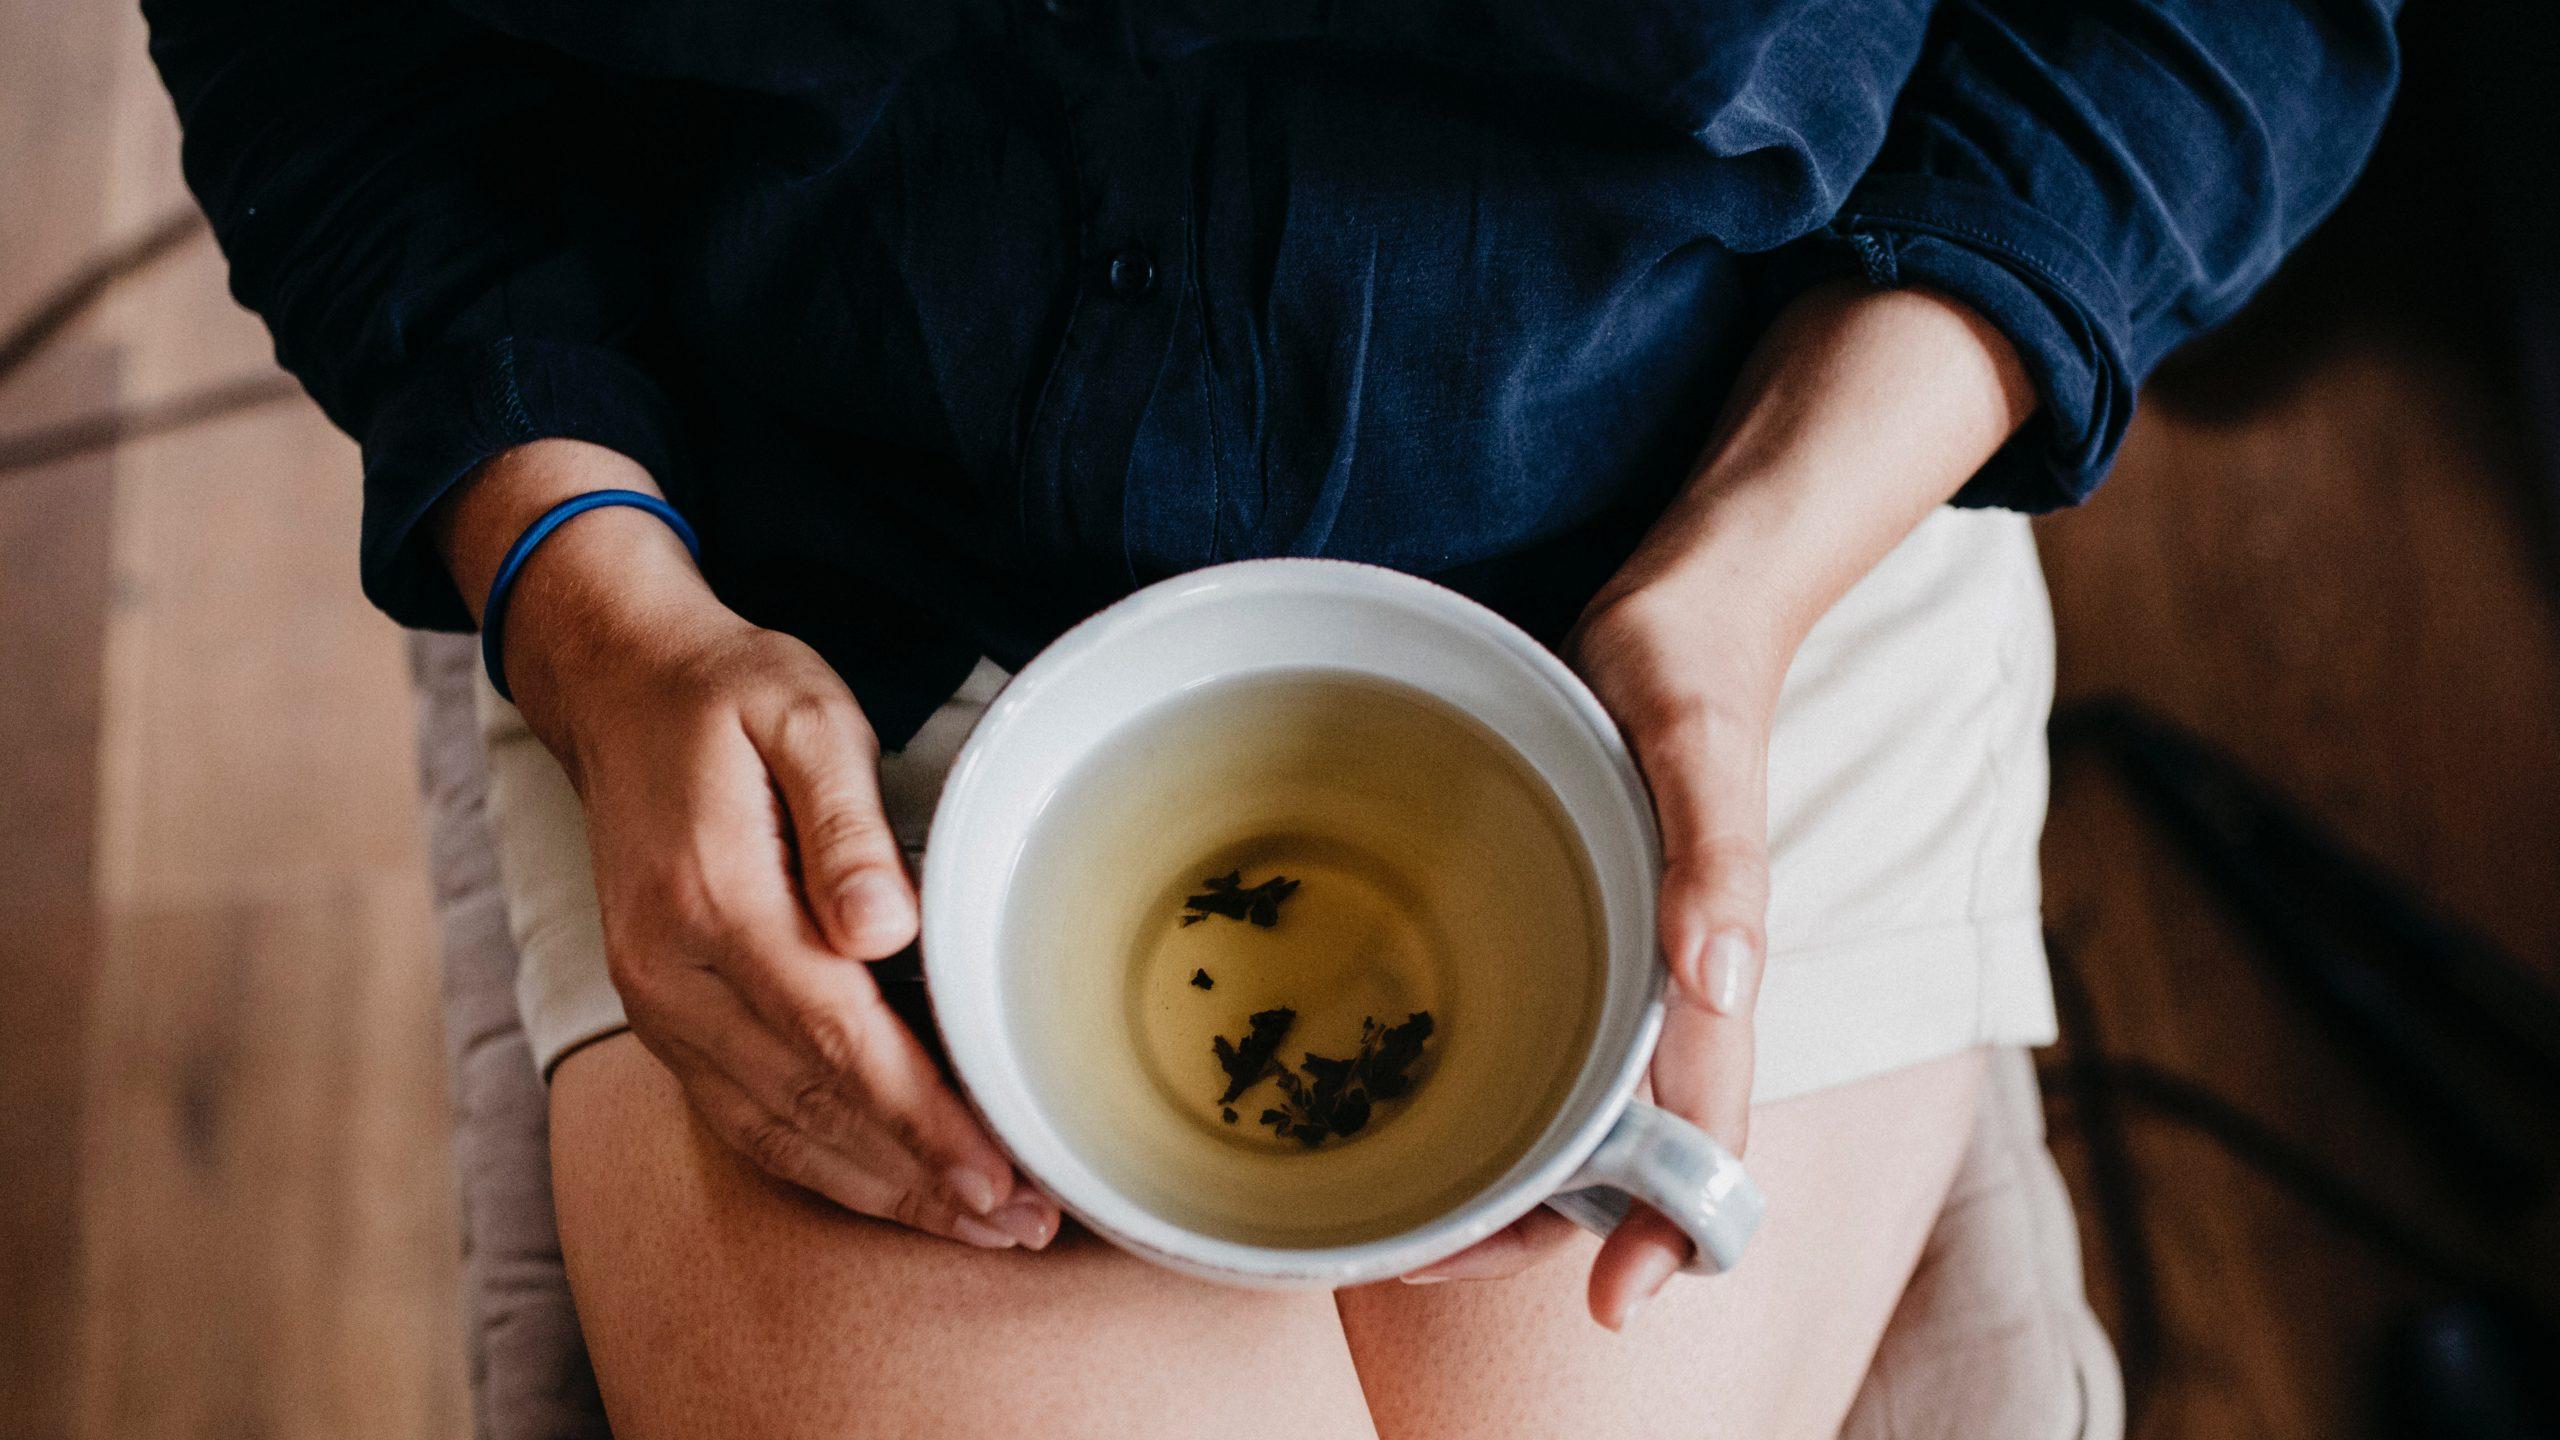 黑豆水是坐月子孕婦發奶的好幫手?孕婦發奶推薦黑豆水 買茶葉最推薦「無可挑Tea」